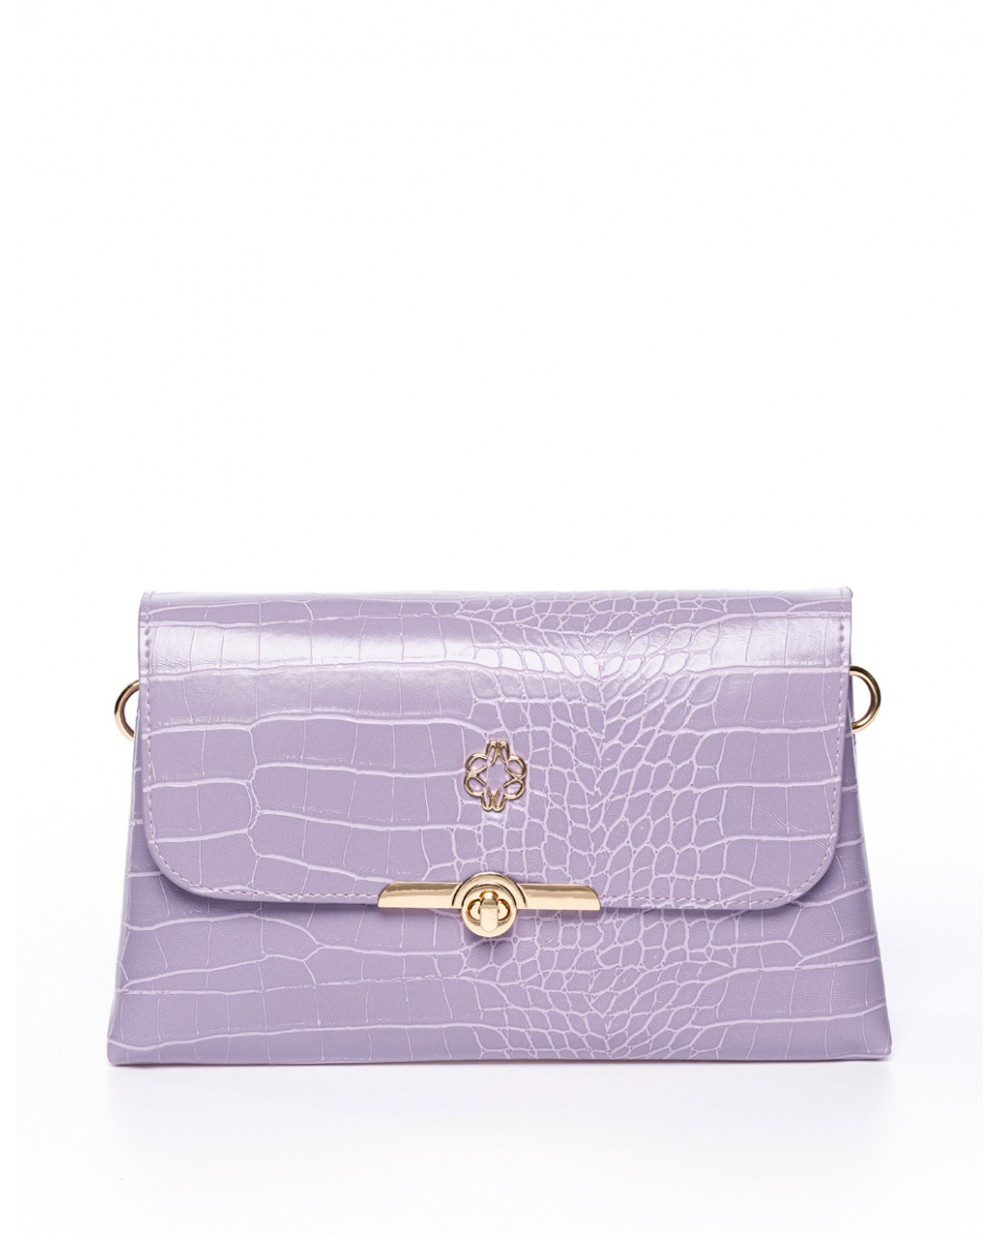 Γυναικεία τσάντα Veta 5064-22